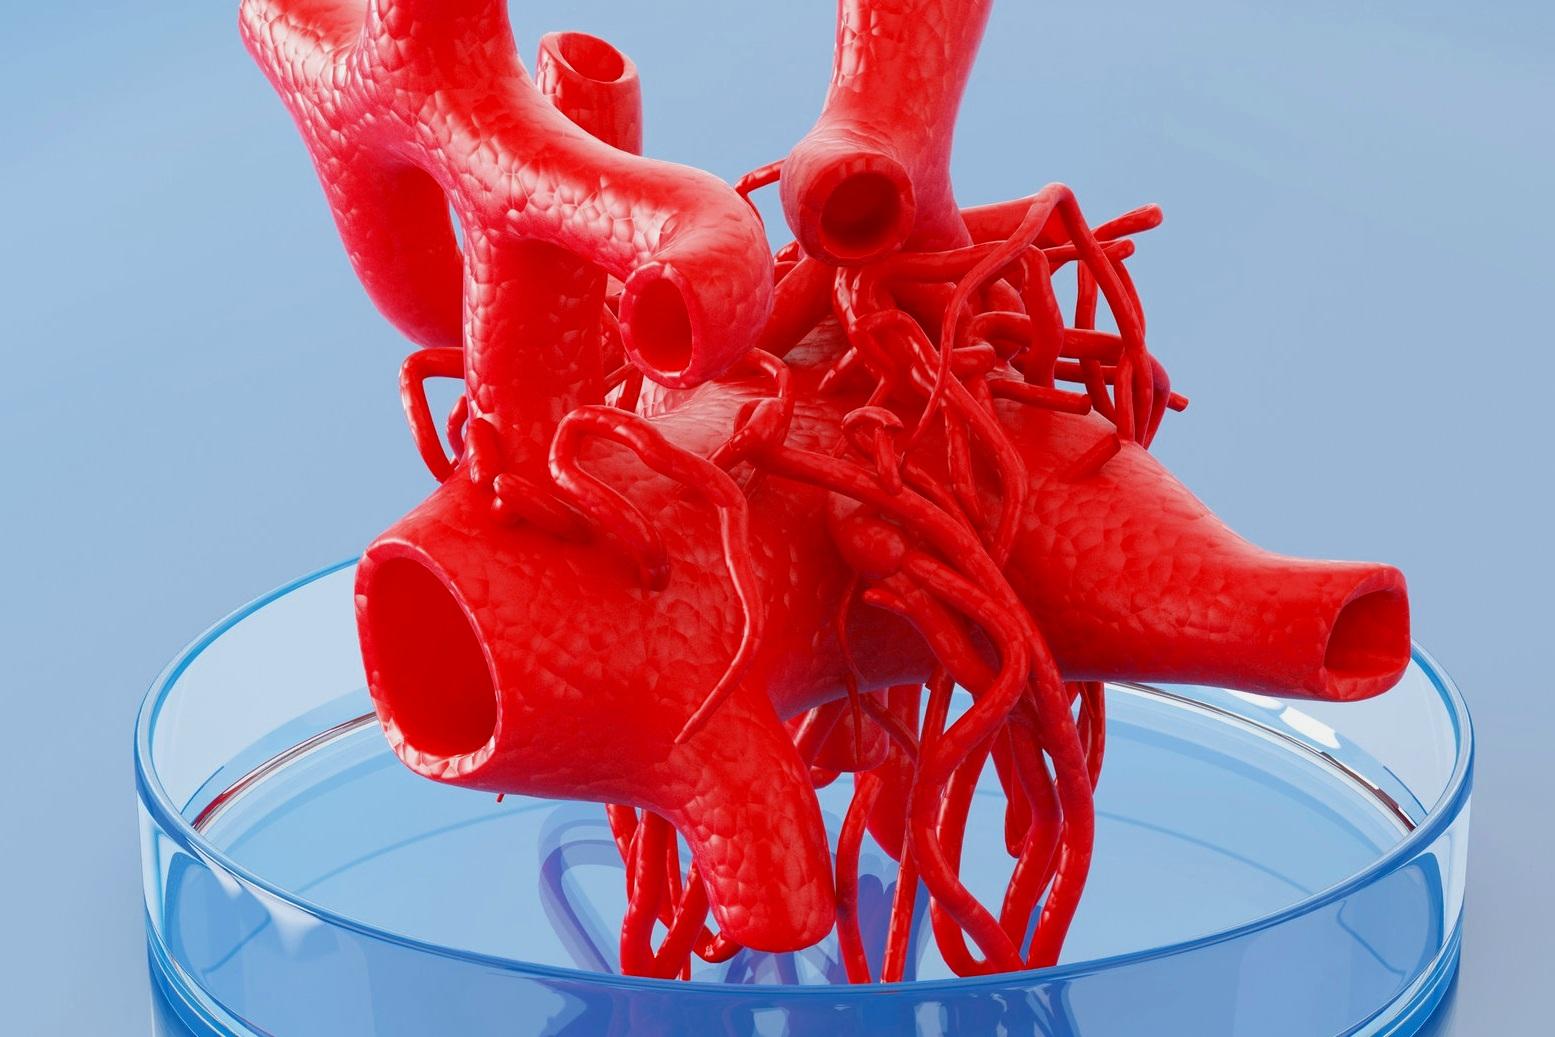 ヒト組織工学 - 幹細胞の混合物は、組織の生物学および機能を再現する小型臓器(オルガノイド )に似た複雑な構造に自己集合することが知られている。 私たちの脈管形成細胞は、灌流を確実にするために構造内に微小血管を形成します。積層造形およびバイオマテリアルにおける進歩は、より大きな構造体に印刷することができる細胞含有インク(バイオインク )の開発を推進している。 Vascugenはこのエキサイティングな新しい分野で当社の技術を活用するためのパートナーシップを確立しています。